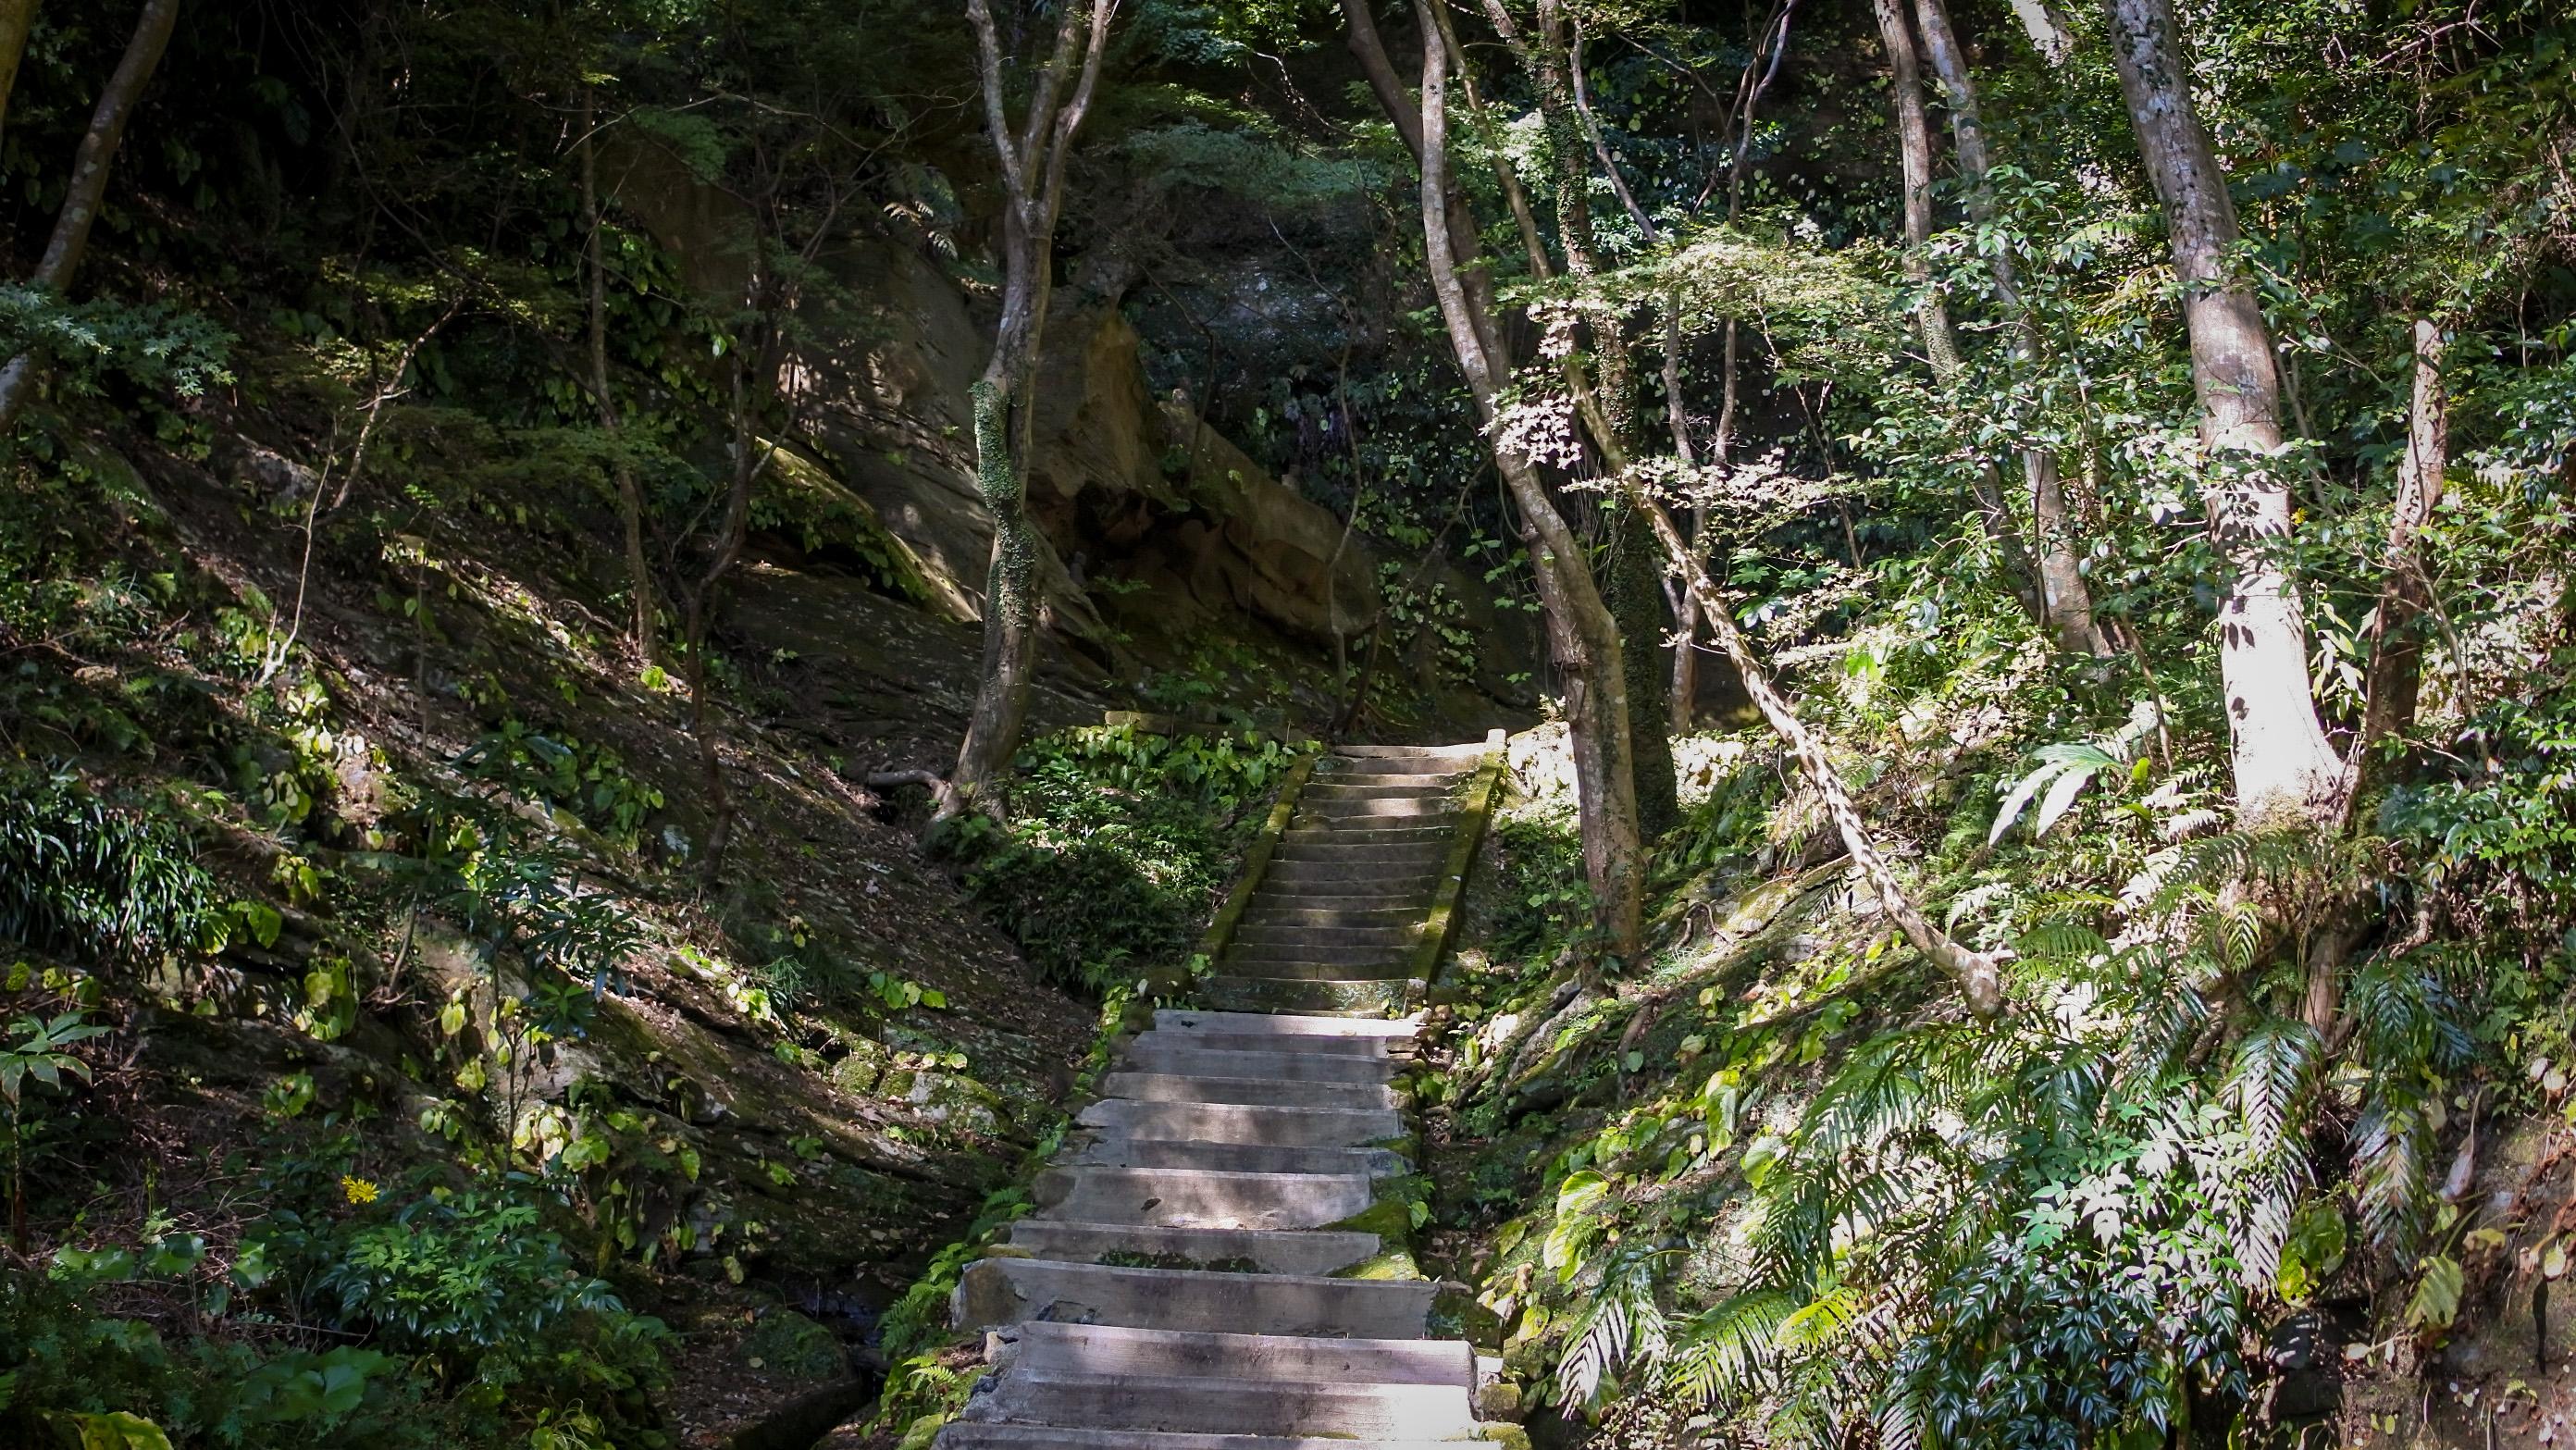 石橋に続く階段